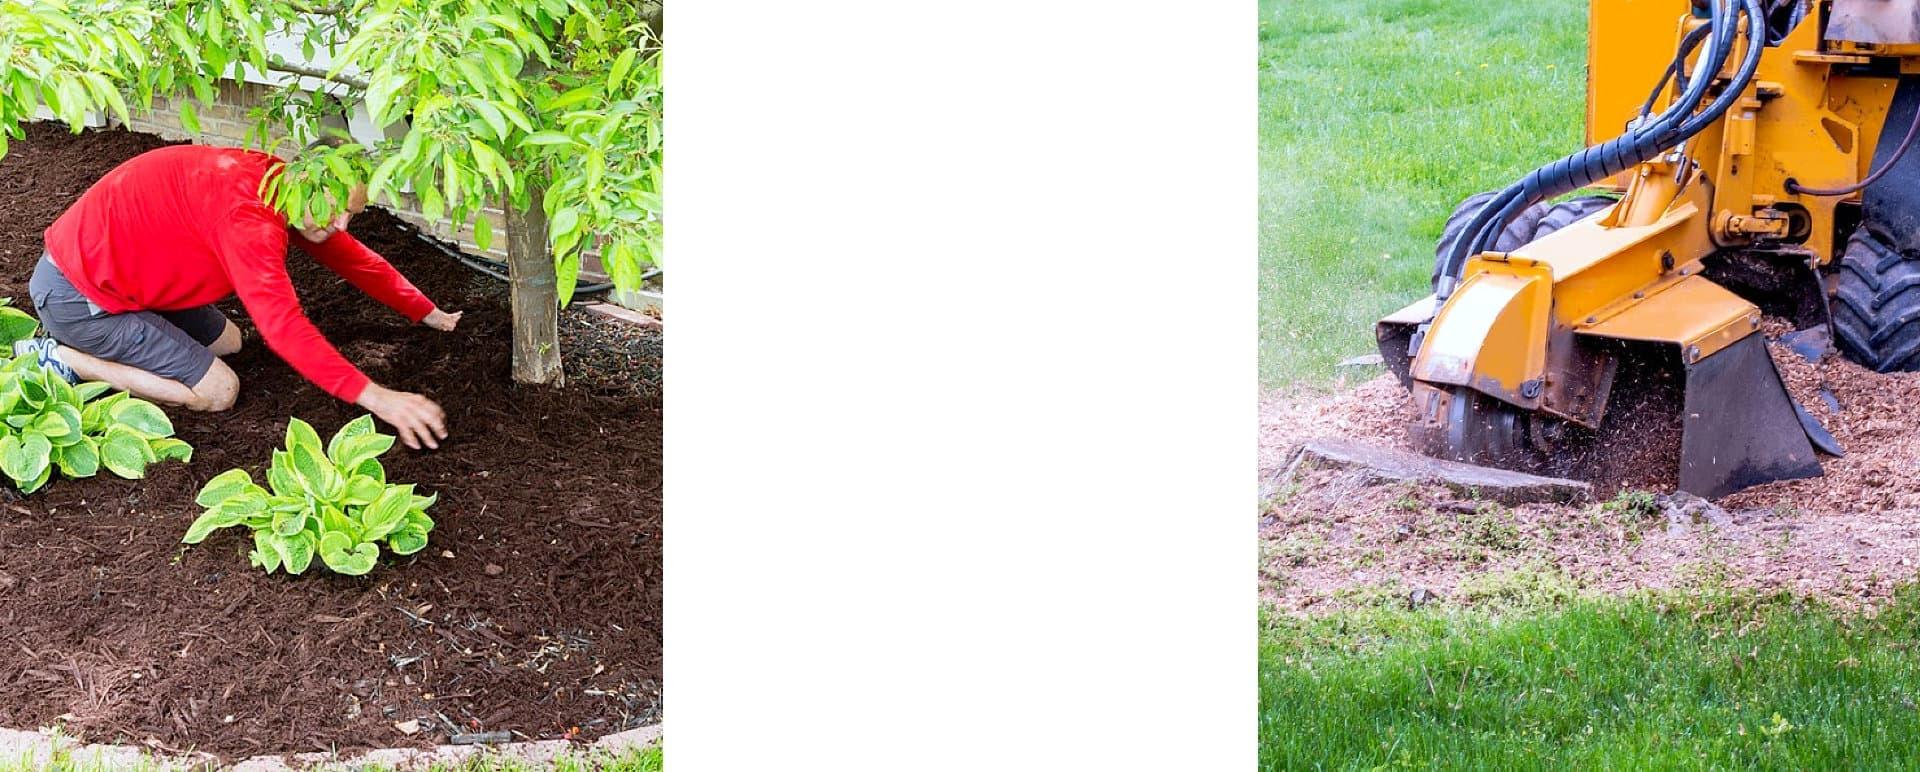 male gardener working in the garden and stump grinder machine grinding up tree stump saw dust mulch